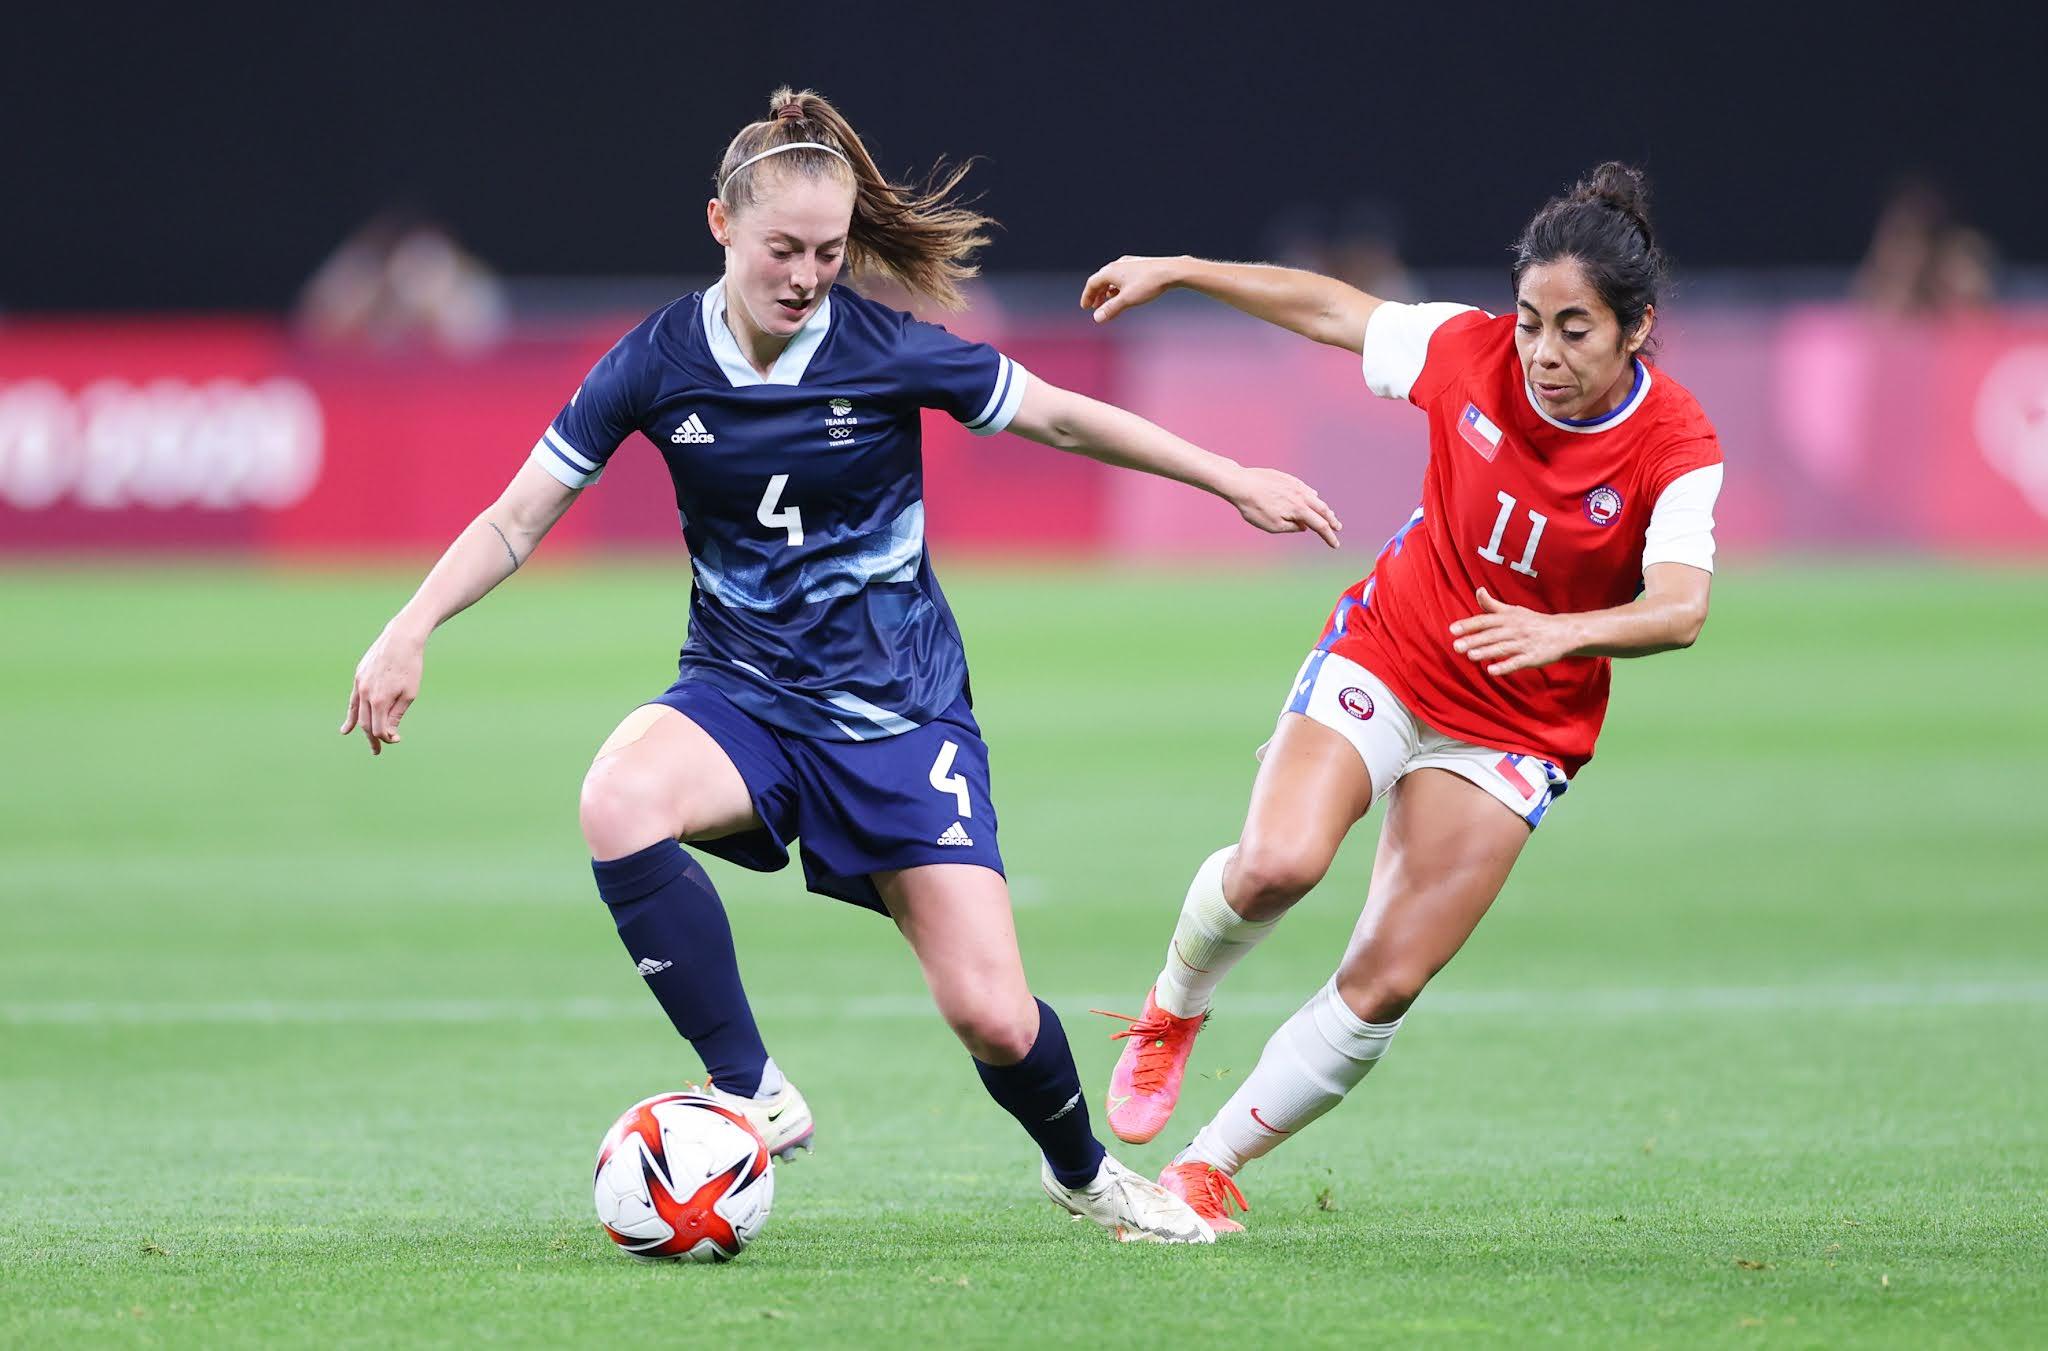 Gran Bretaña y Chile en Juegos Olímpicos de Tokio 2020, 21 de julio de 2021